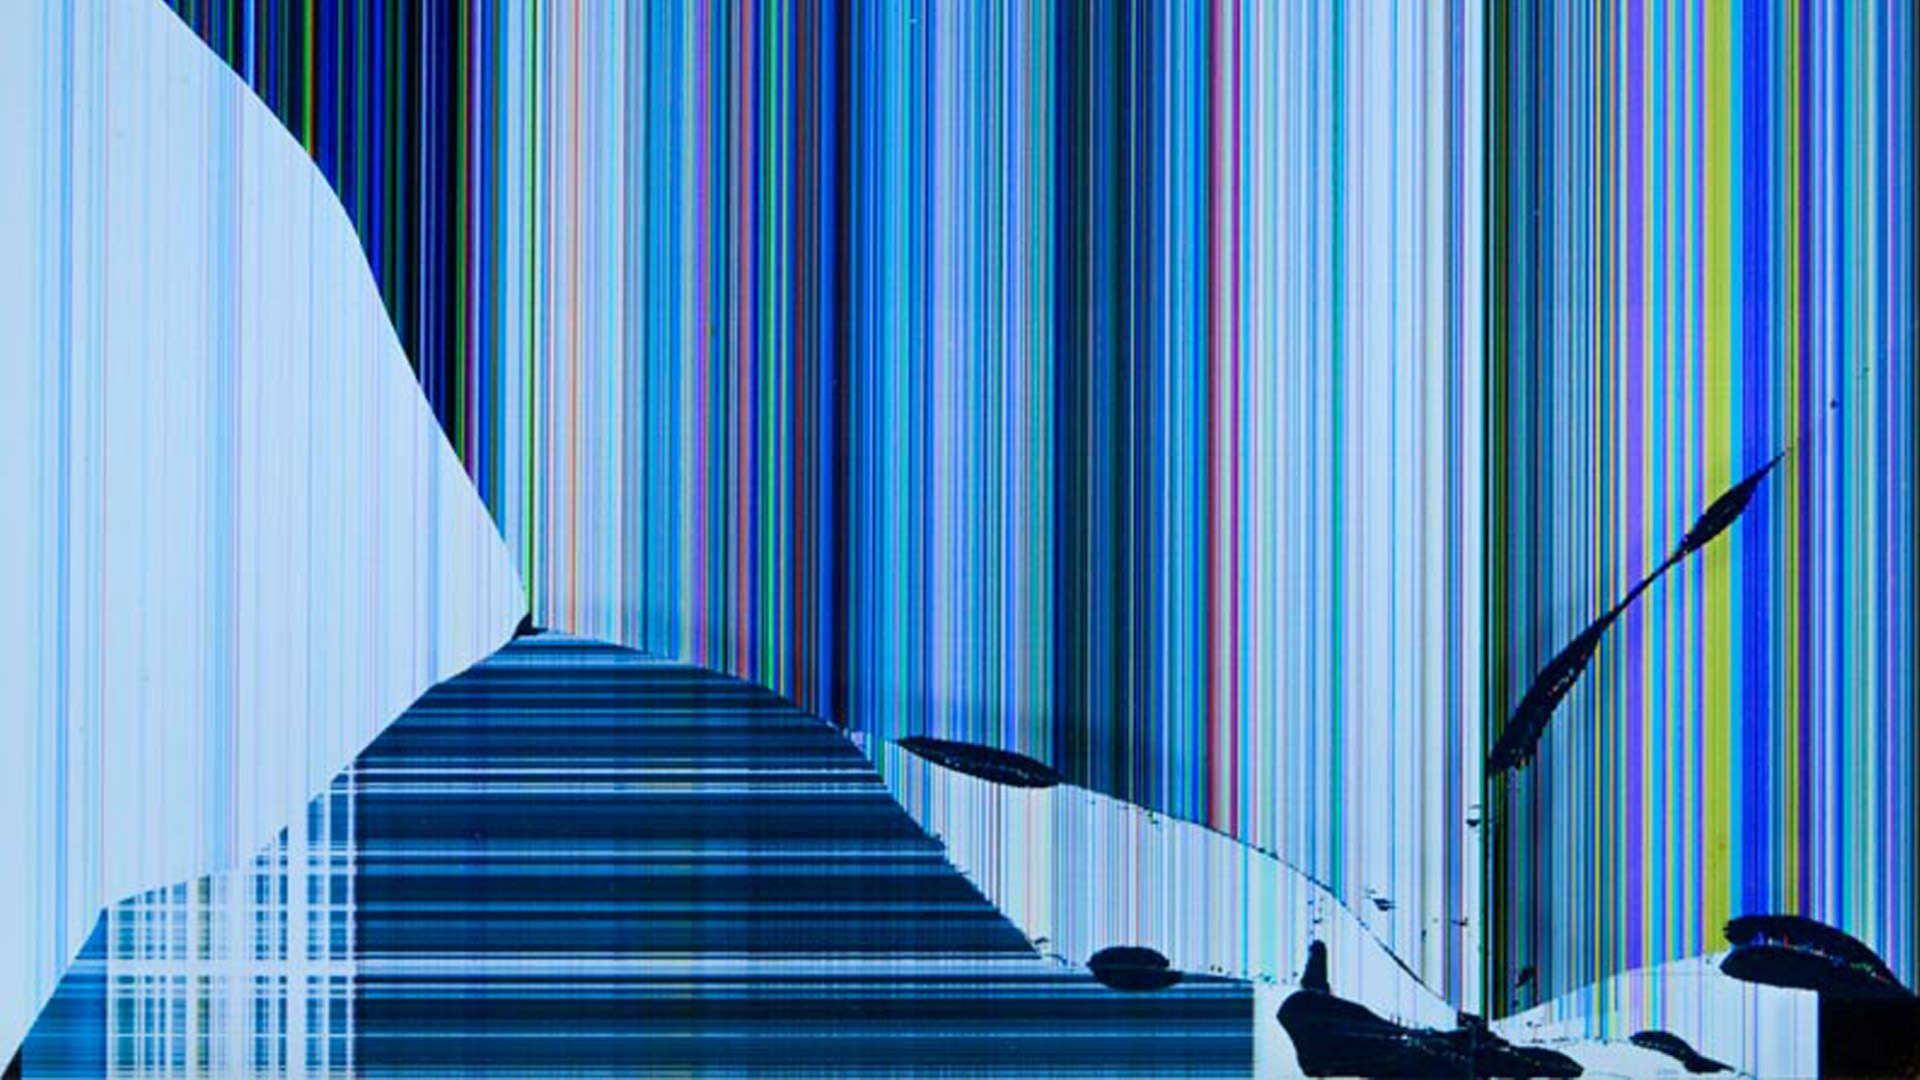 geek wallpapers iphone